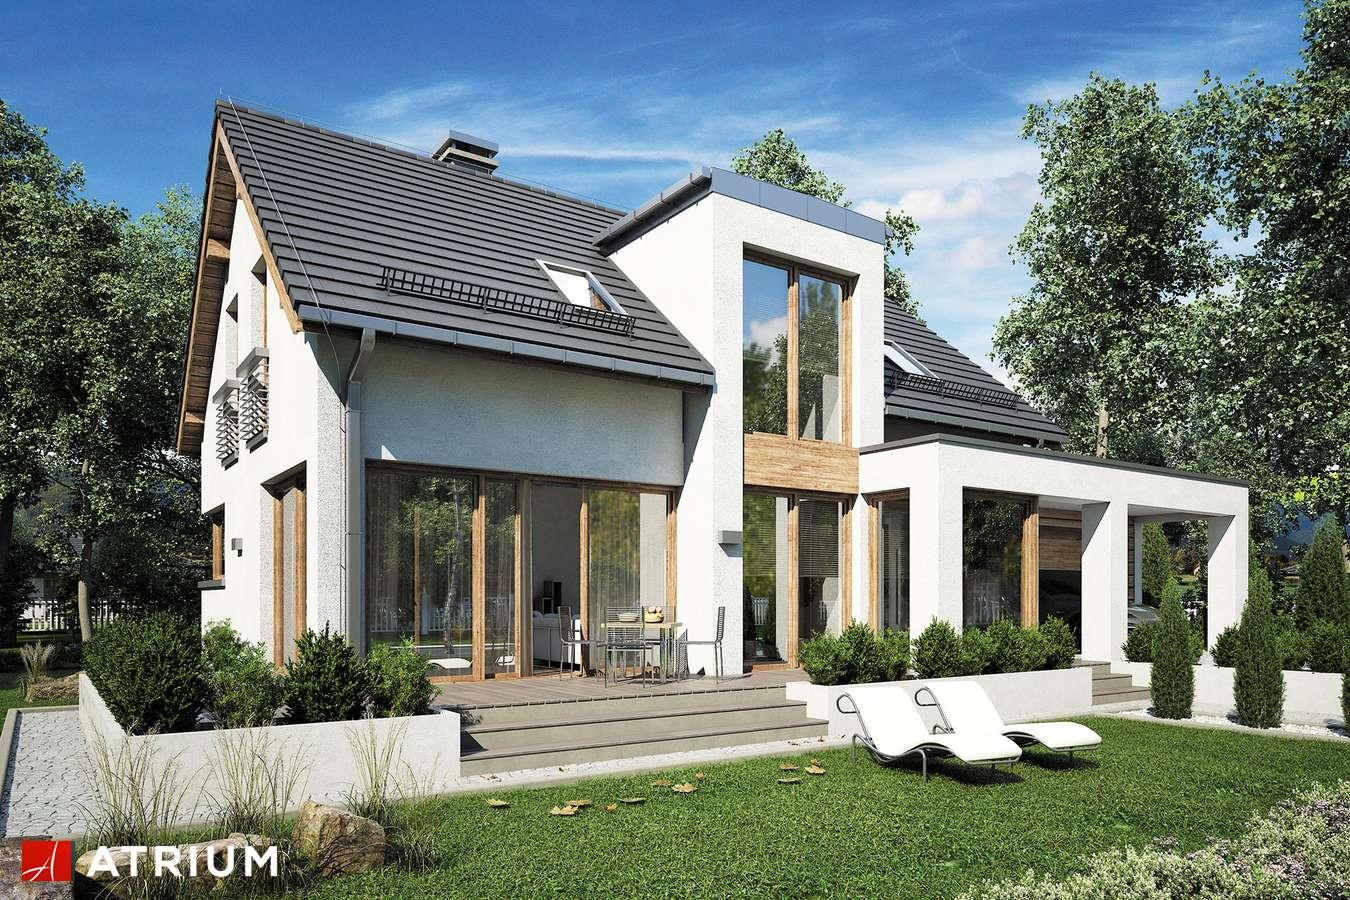 Projekty domów - Projekt domu z poddaszem RUMBA III - wizualizacja 2 - wersja lustrzana